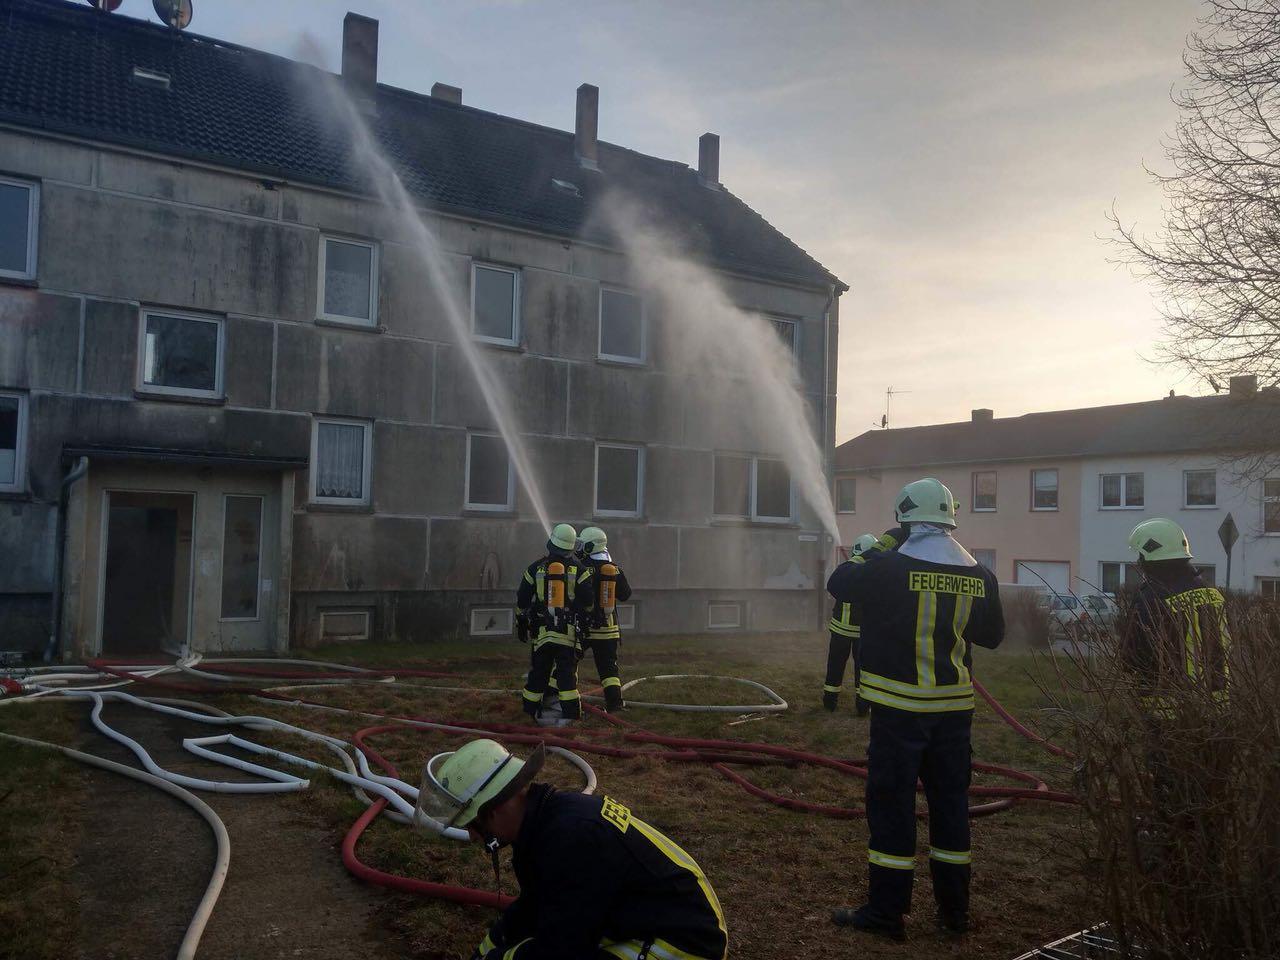 2018-04-07_Übung_Brandeinsatz_Rohlstorf_(4)